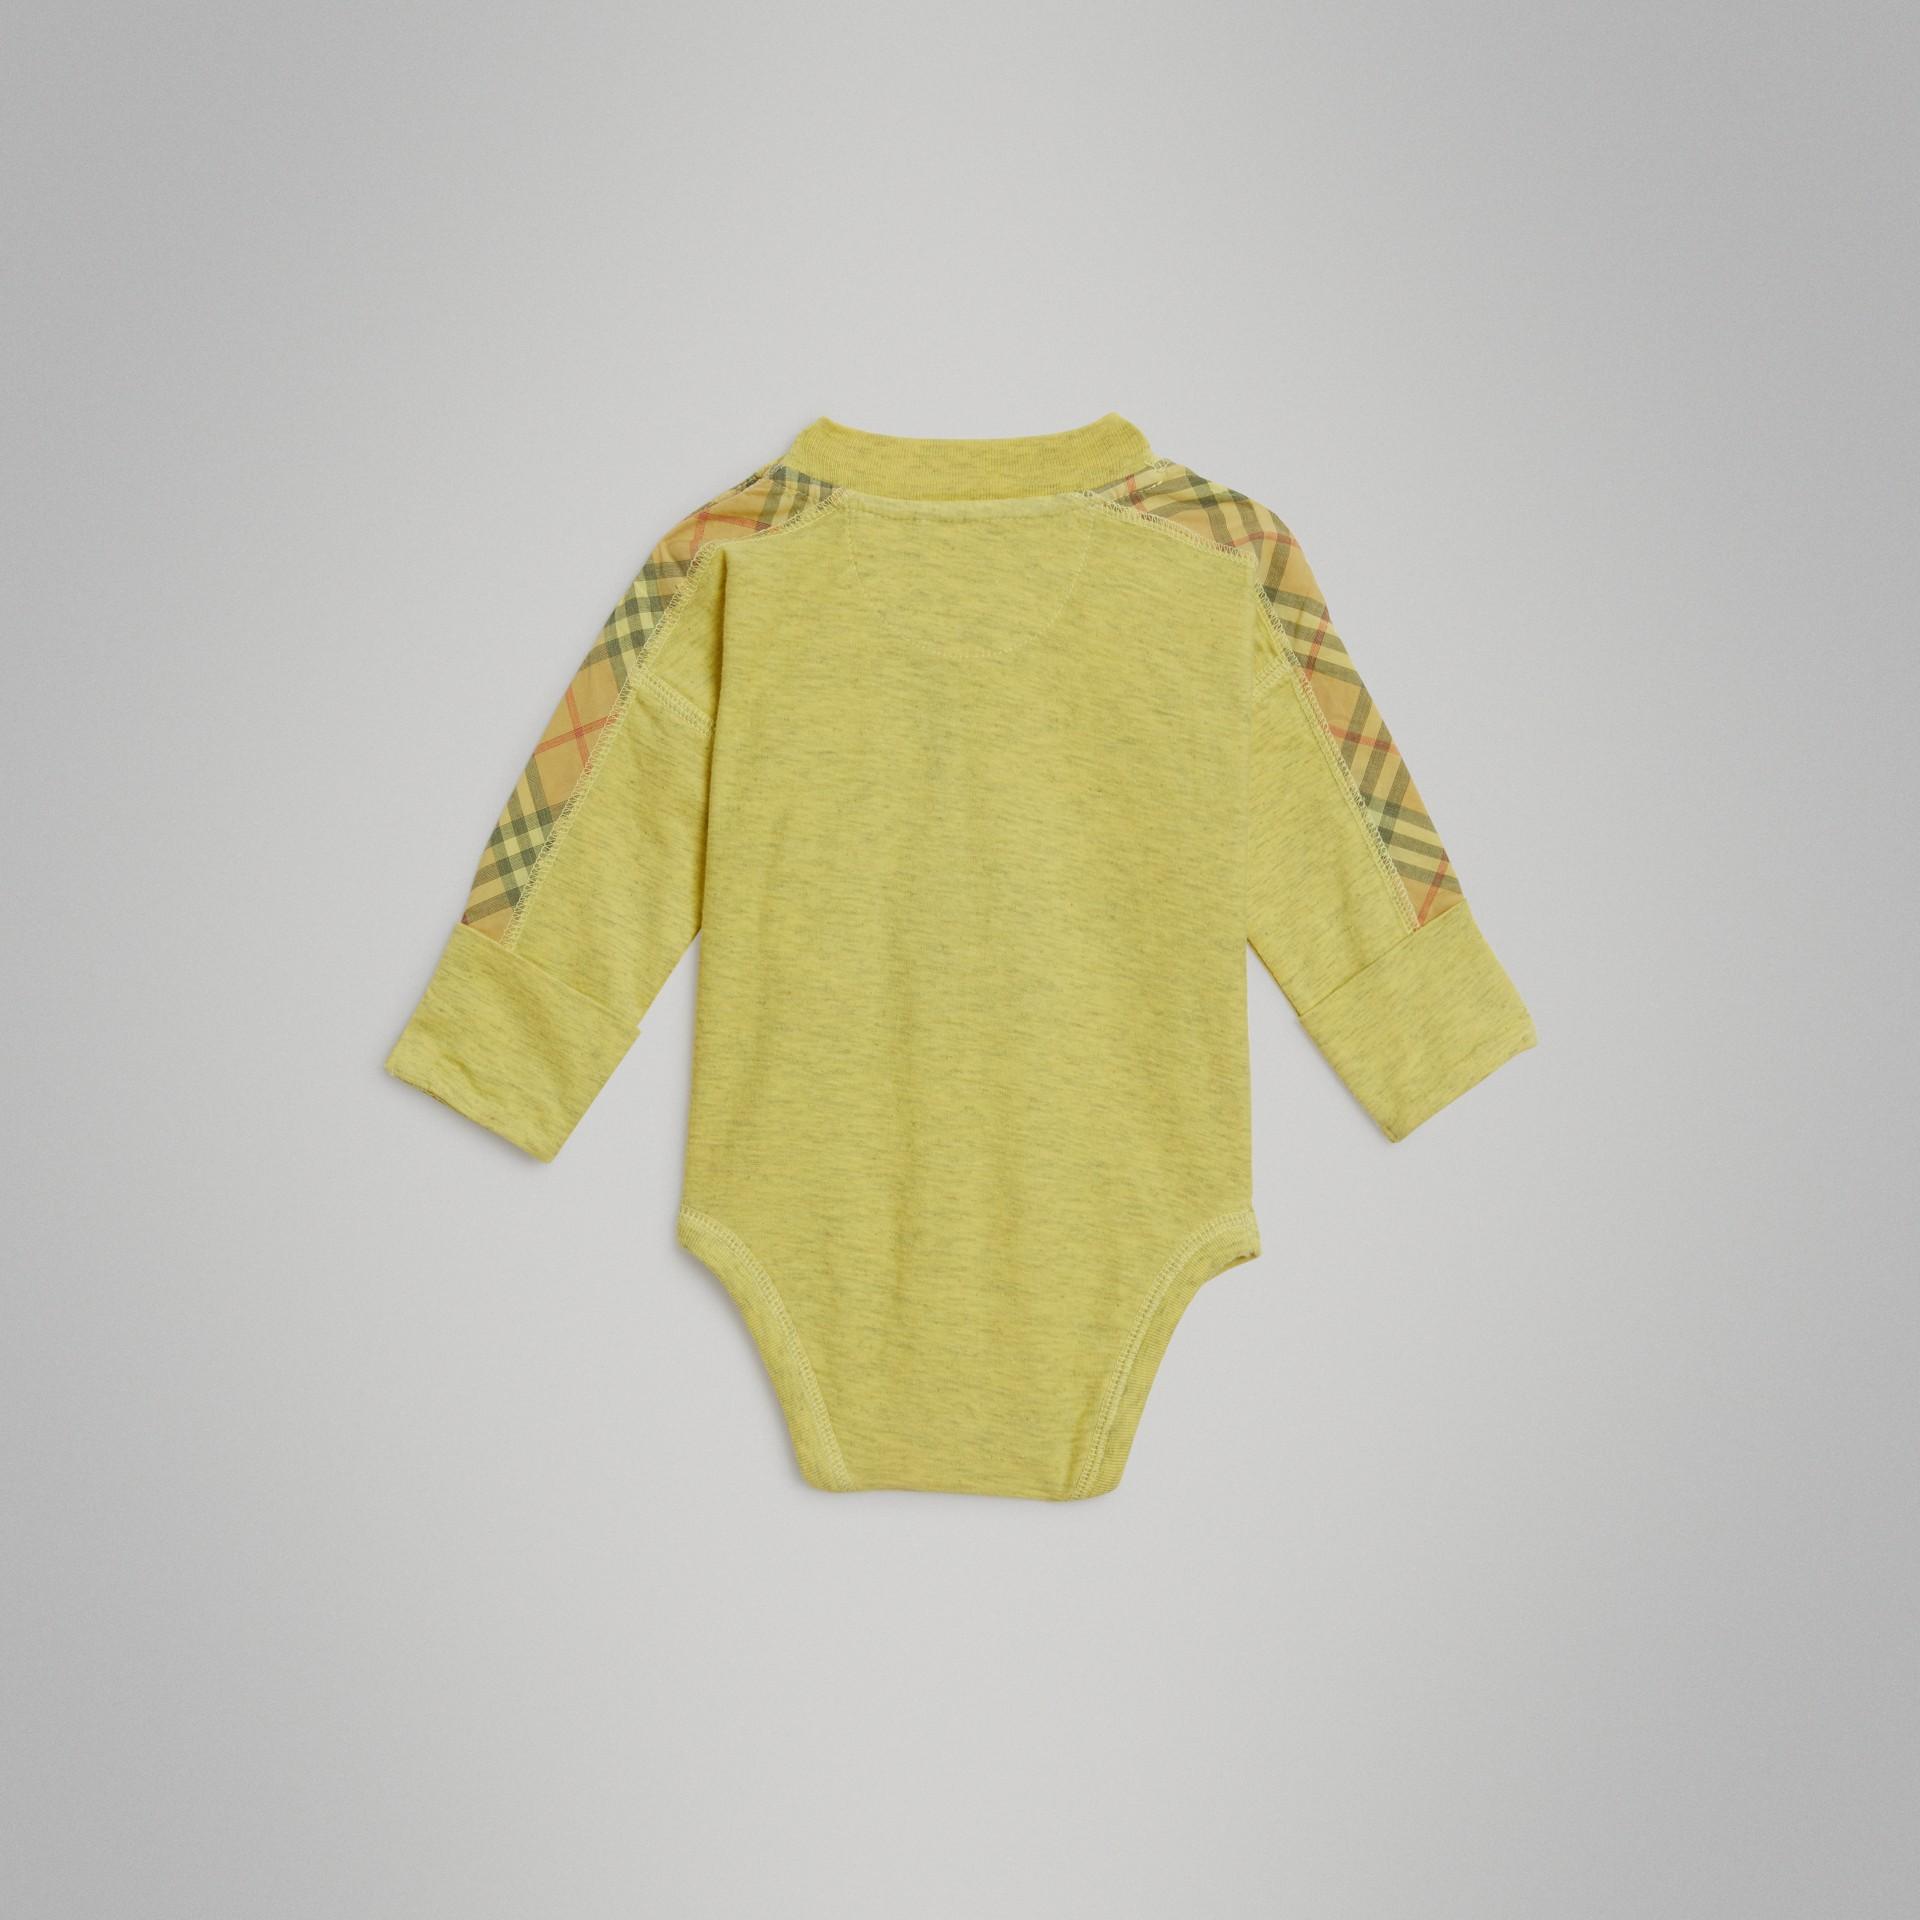 Gift set para bebê de três peças de algodão com detalhe xadrez (Multicolorido) - Crianças | Burberry - galeria de imagens 5